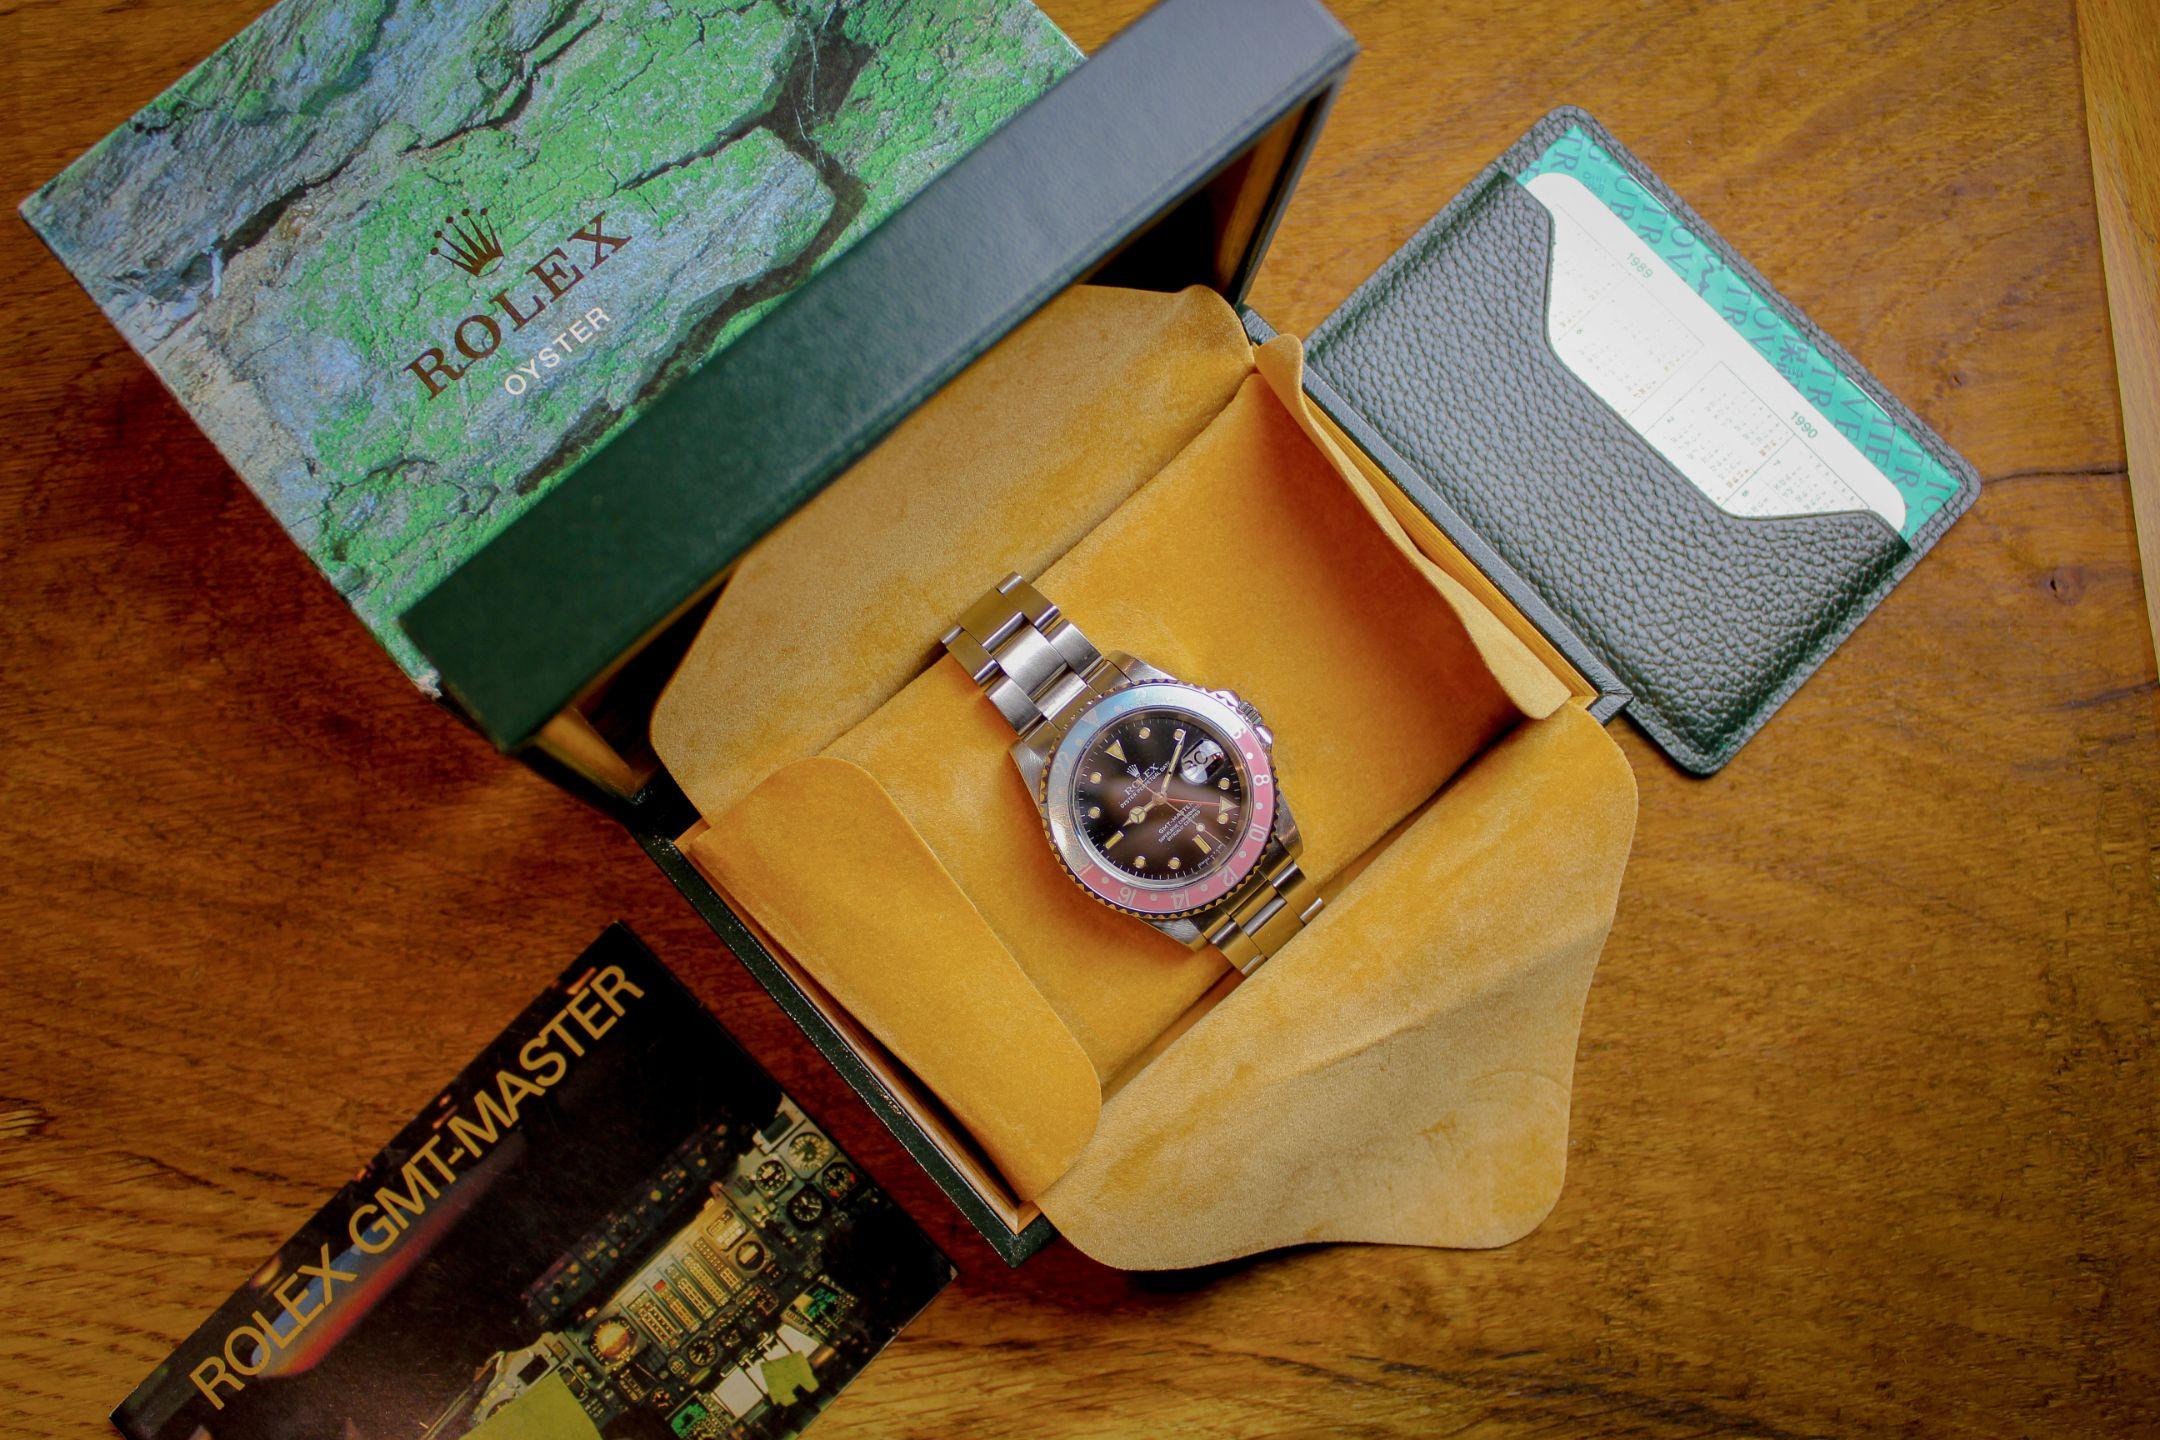 Rolex ref 16700 GMT